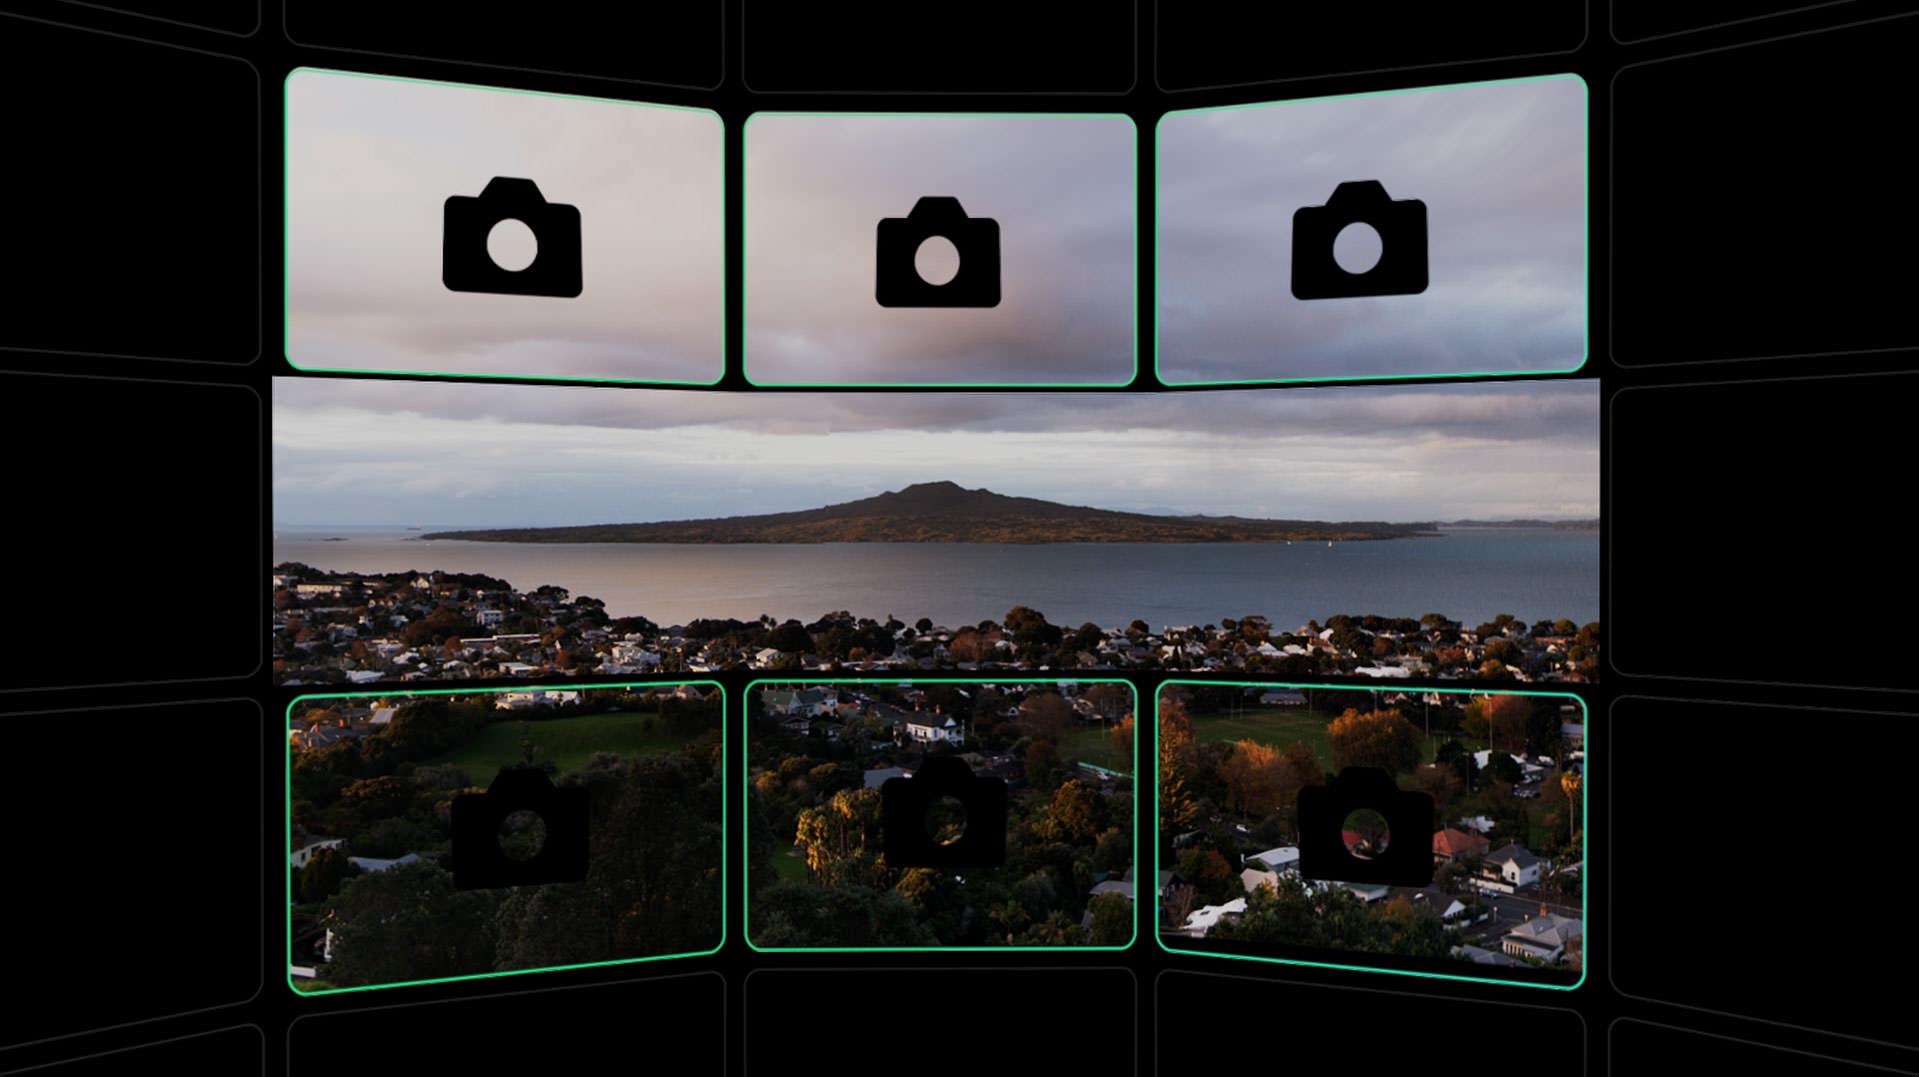 syrp multi row panorama image